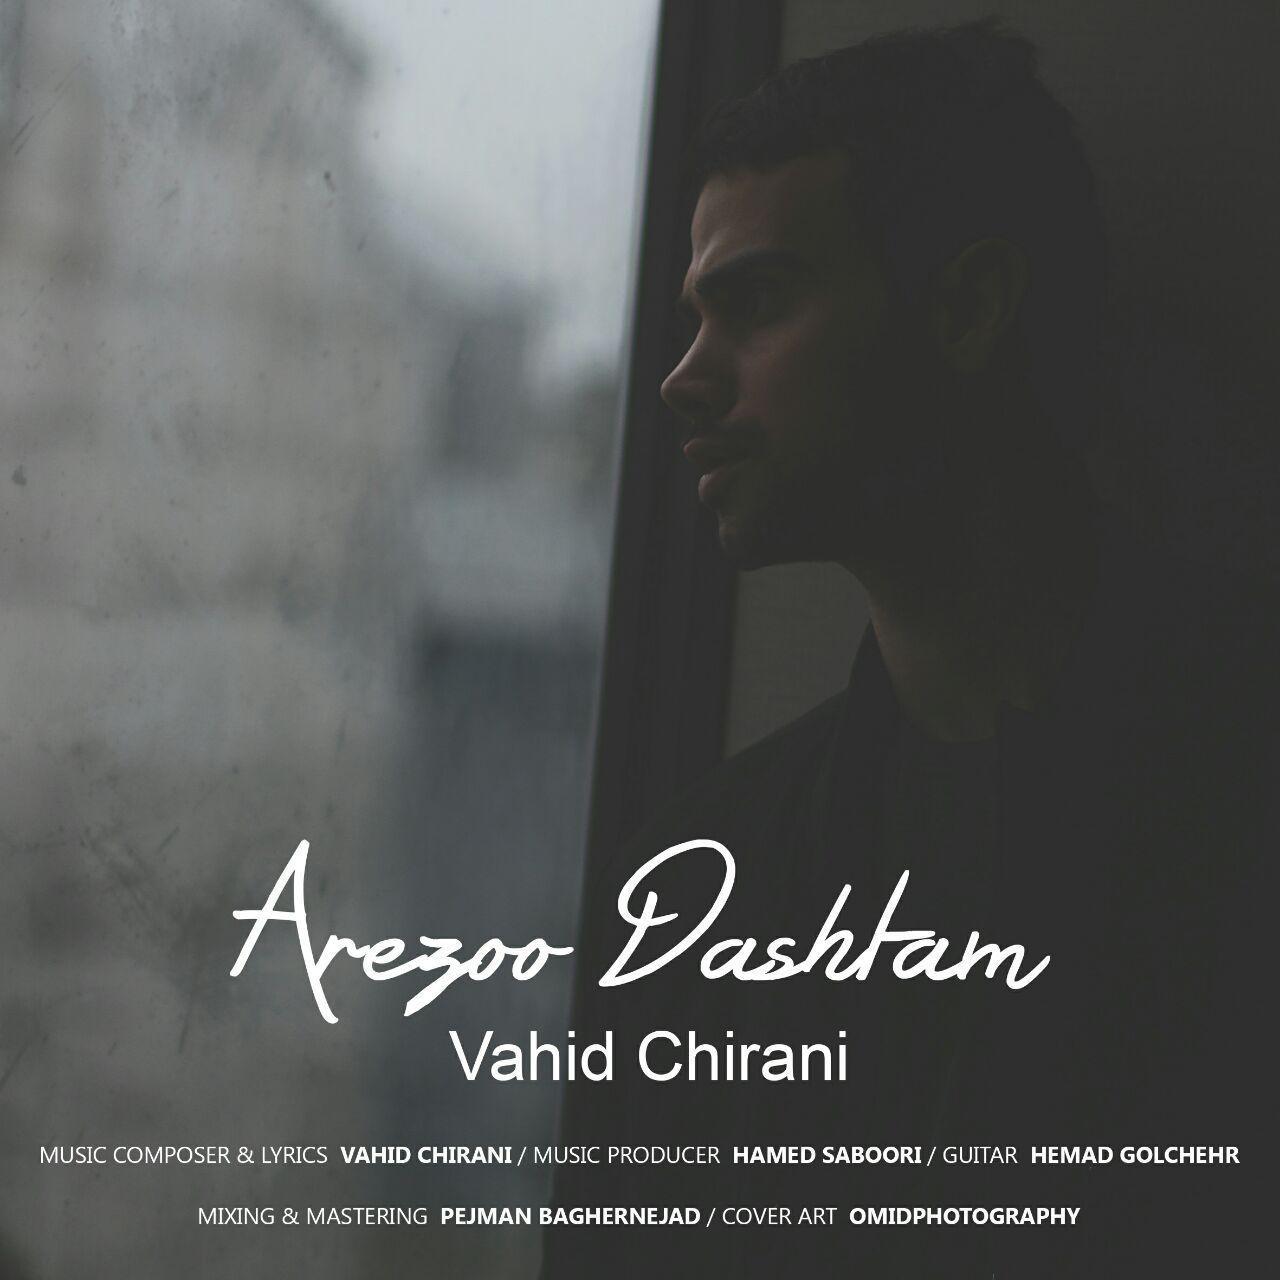 Vahid Chirani – Arezoo Dashtam